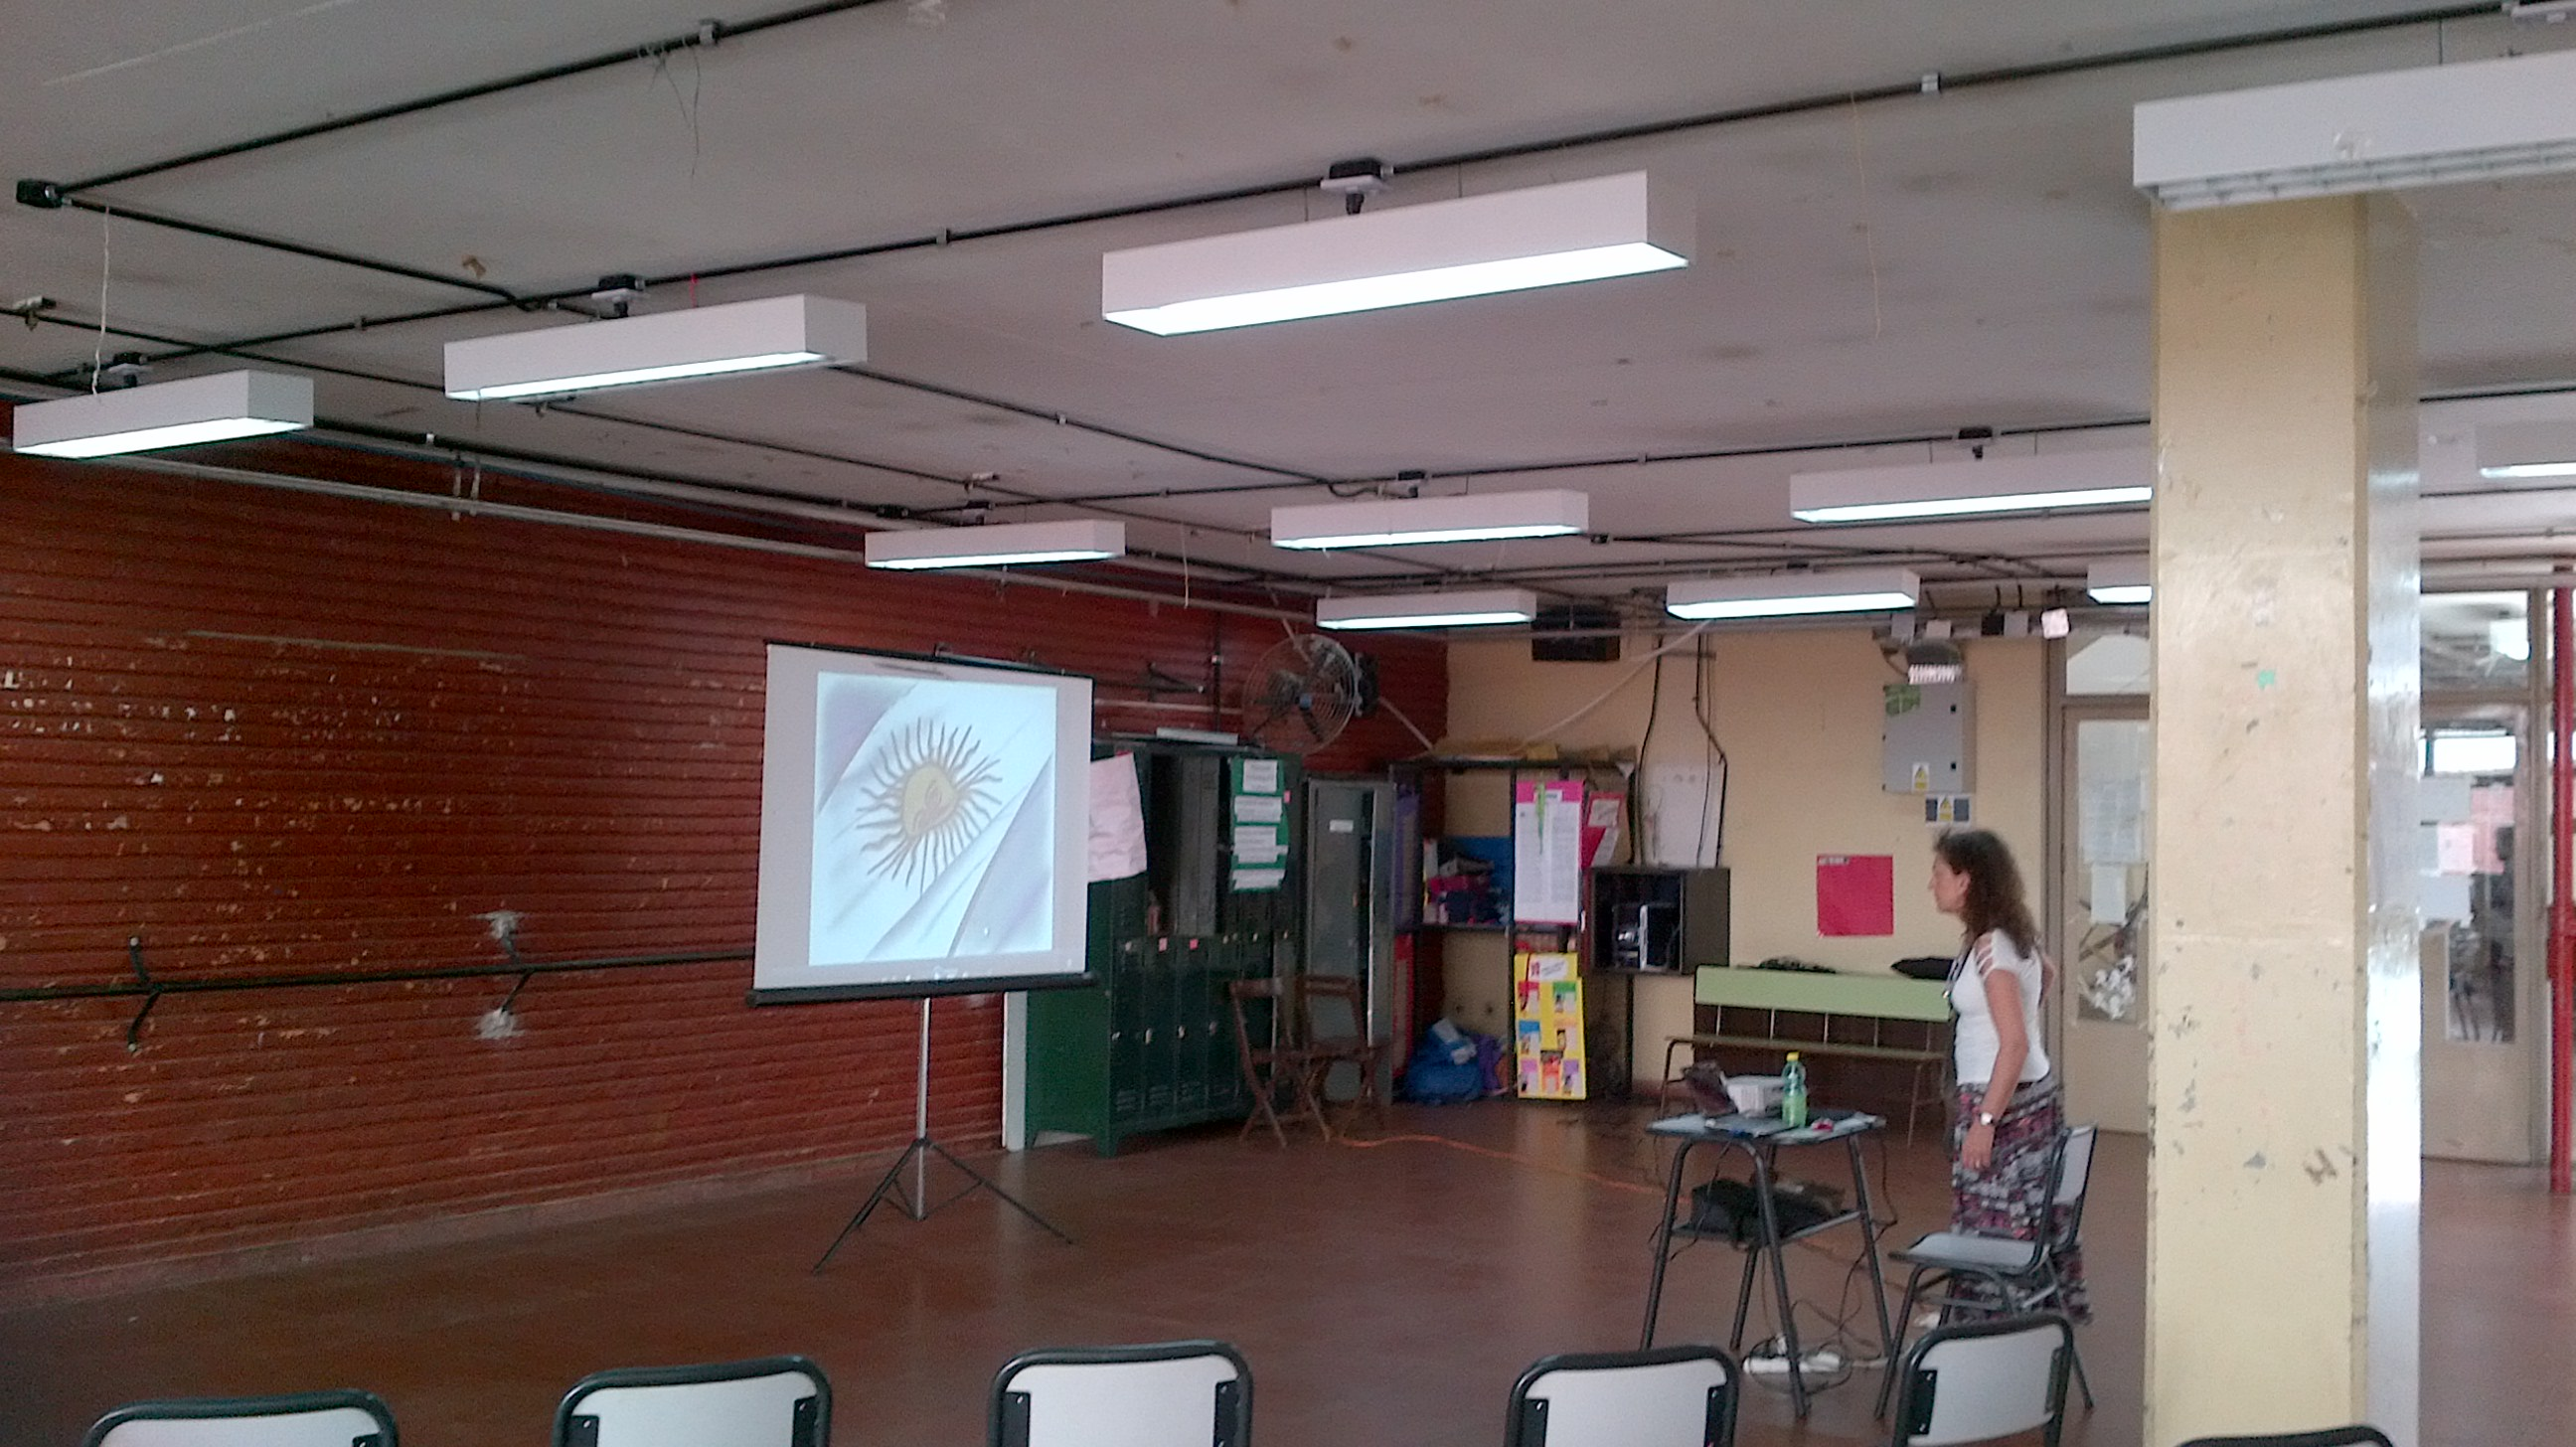 Escuela Av. Santa Fe 2778